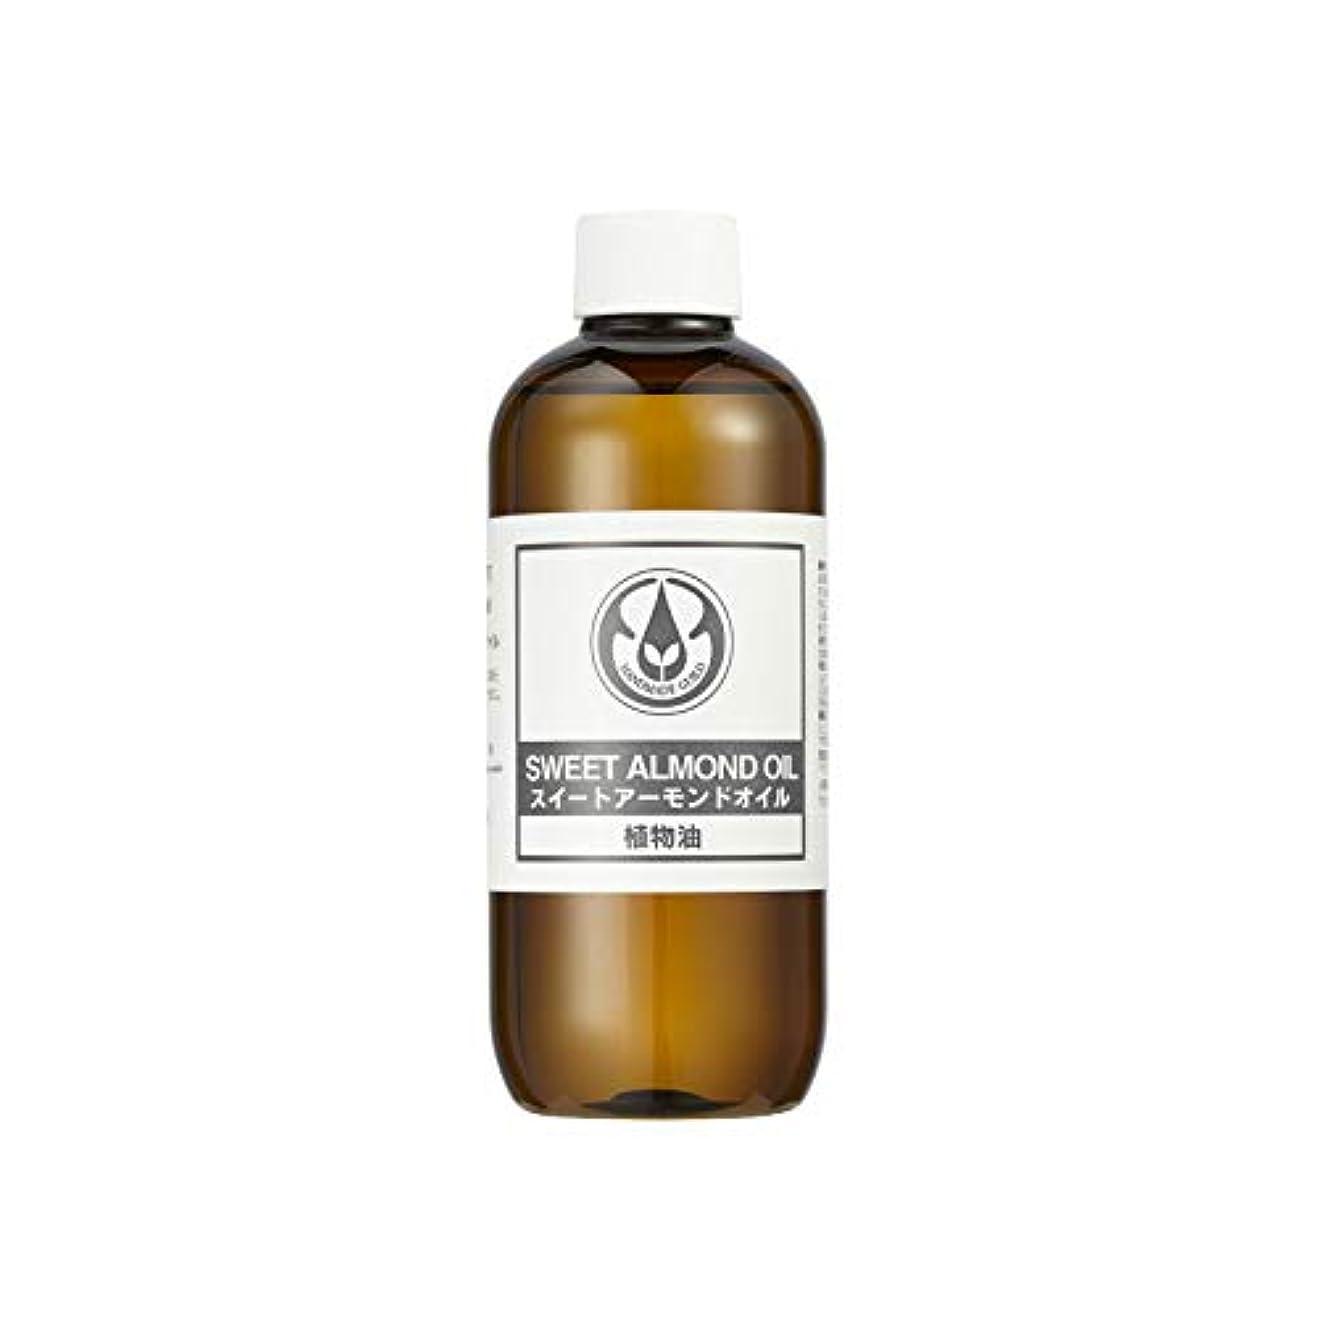 白菜ビル囲む生活の木 スイート アーモンド油 250ml 2本